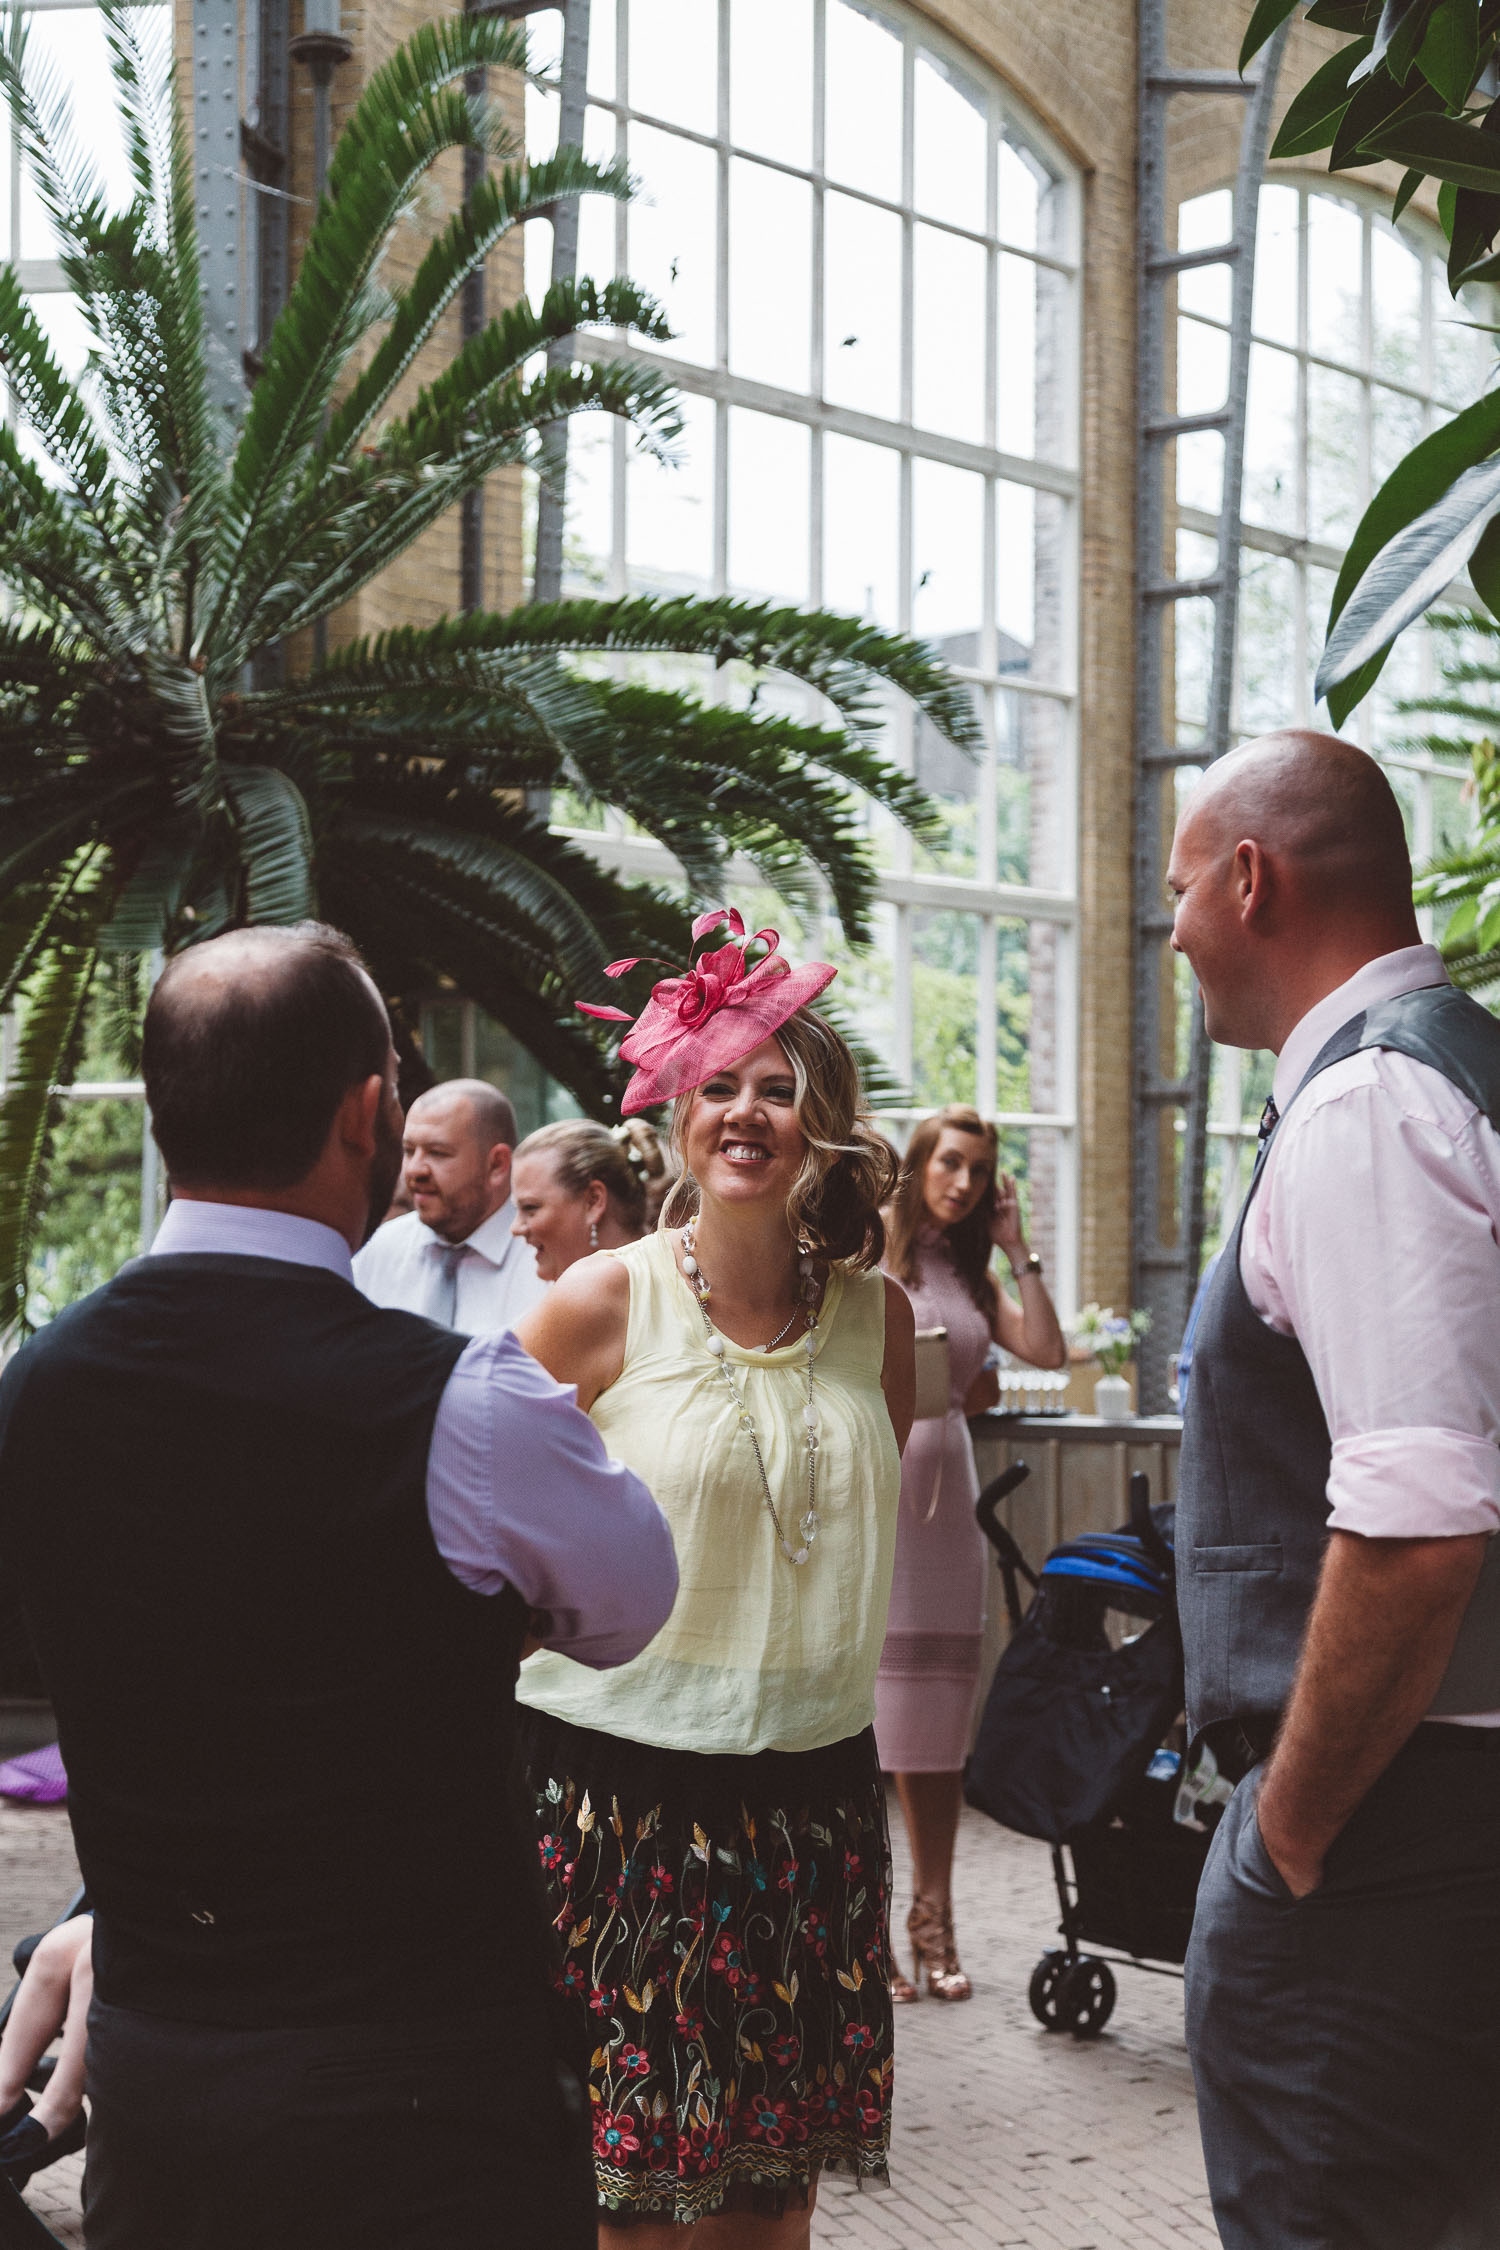 Wedding-Bethan-and-Mike-Hortus-Botanicus-photography-On-a-hazy-morning-Amsterdam001.jpg